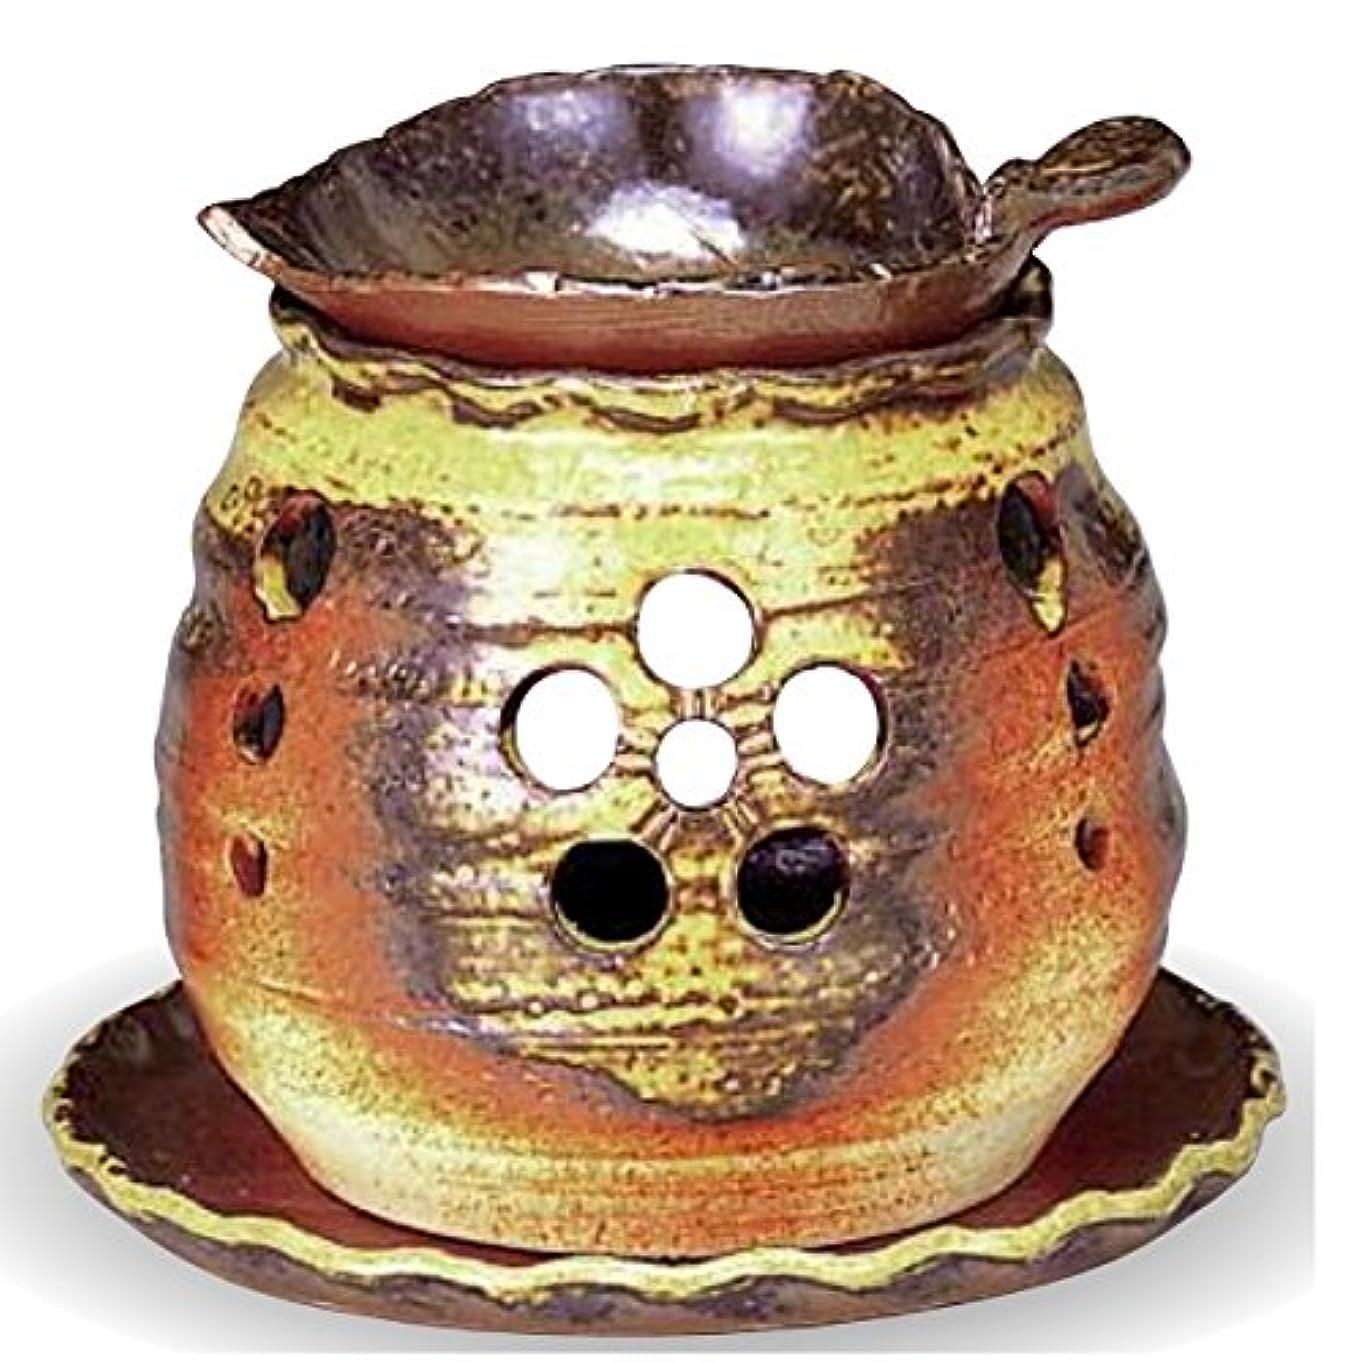 レンズピカソ船常滑焼 茶香炉(アロマポット)木ノ葉皿 径10×高さ10.5cm